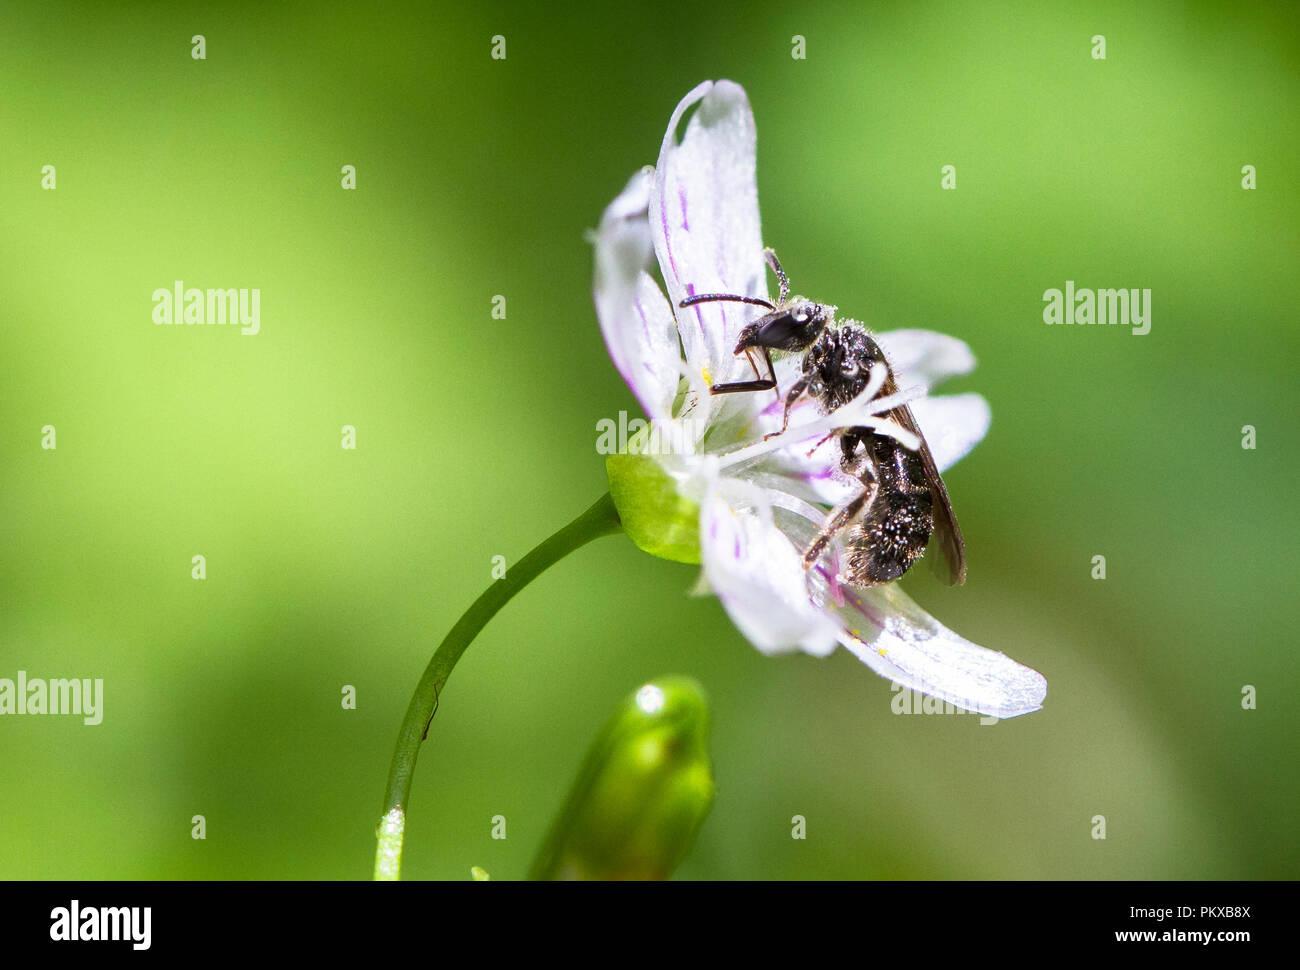 Une abeille recueille le pollen d'une fleur de bonbons (Claytonia sibirica) dans l'Oregon. Banque D'Images